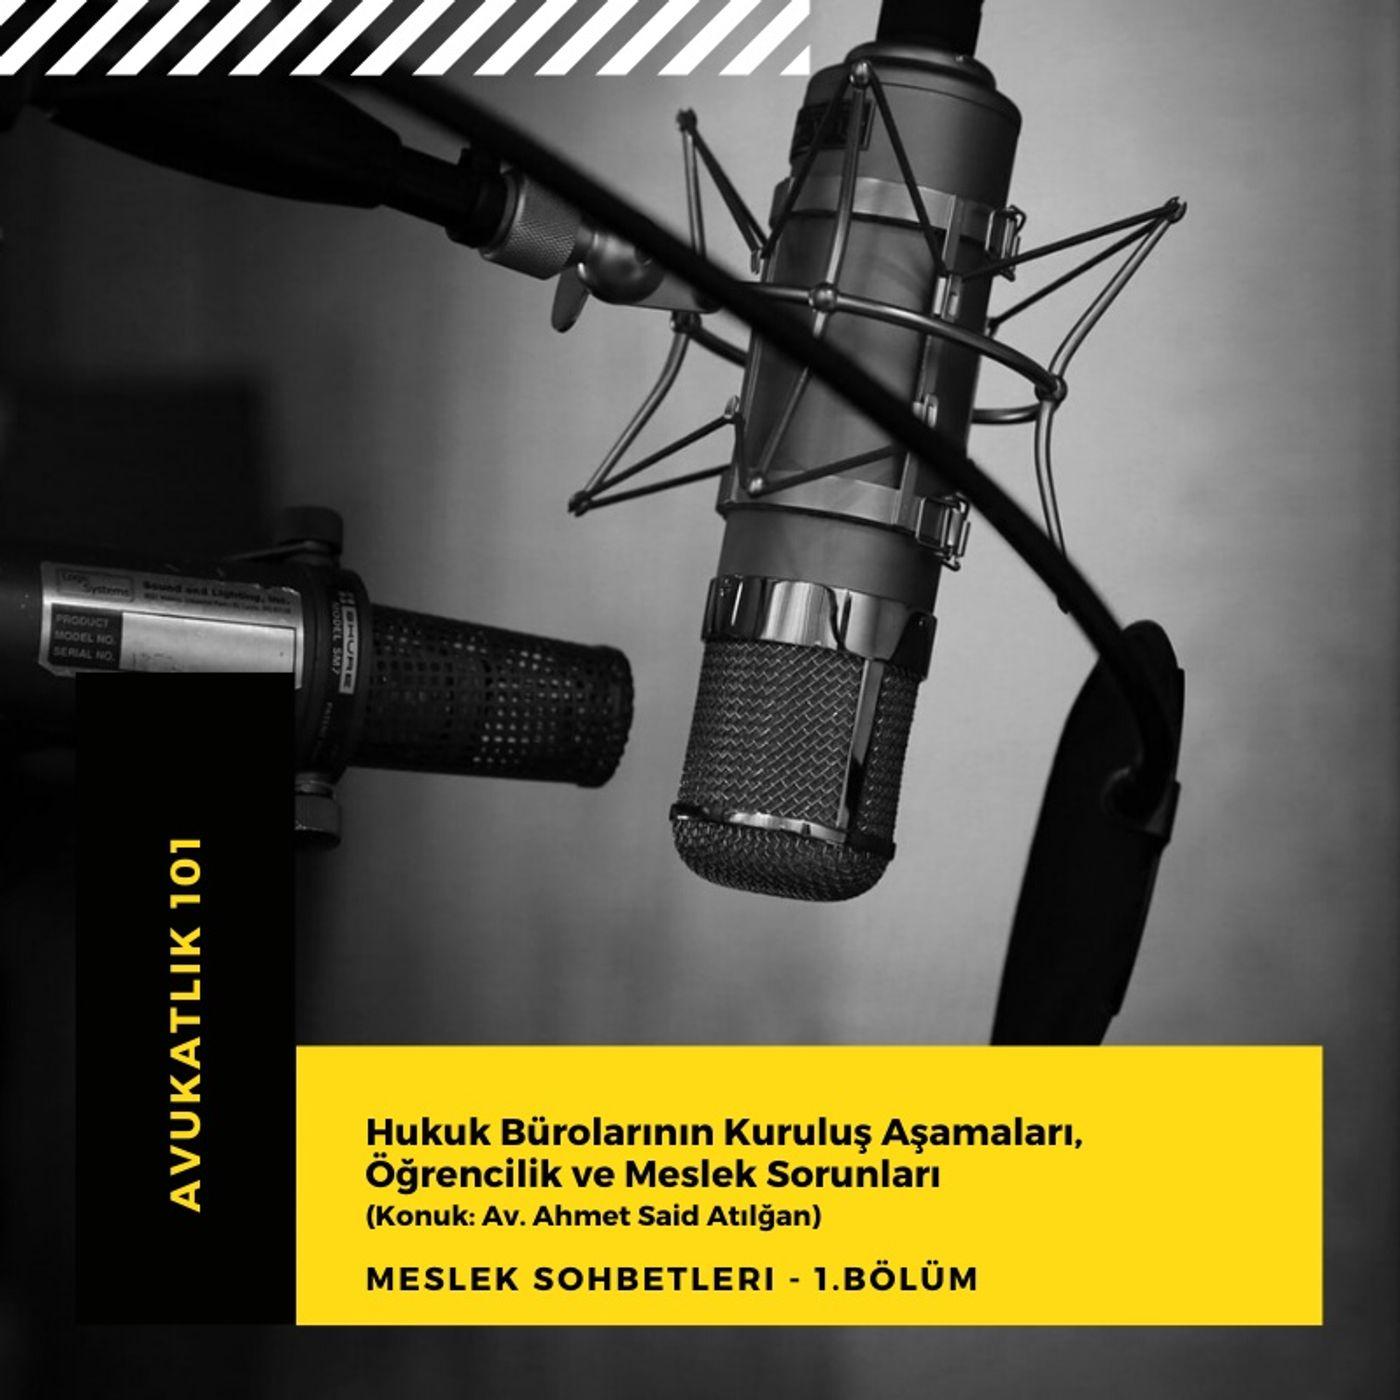 KONUK.01 - Av. Ahmed Said Atılğan ile Hukuk Bürosu Kuruluşu, Öğrencilik ve Mesleki Sorunlar